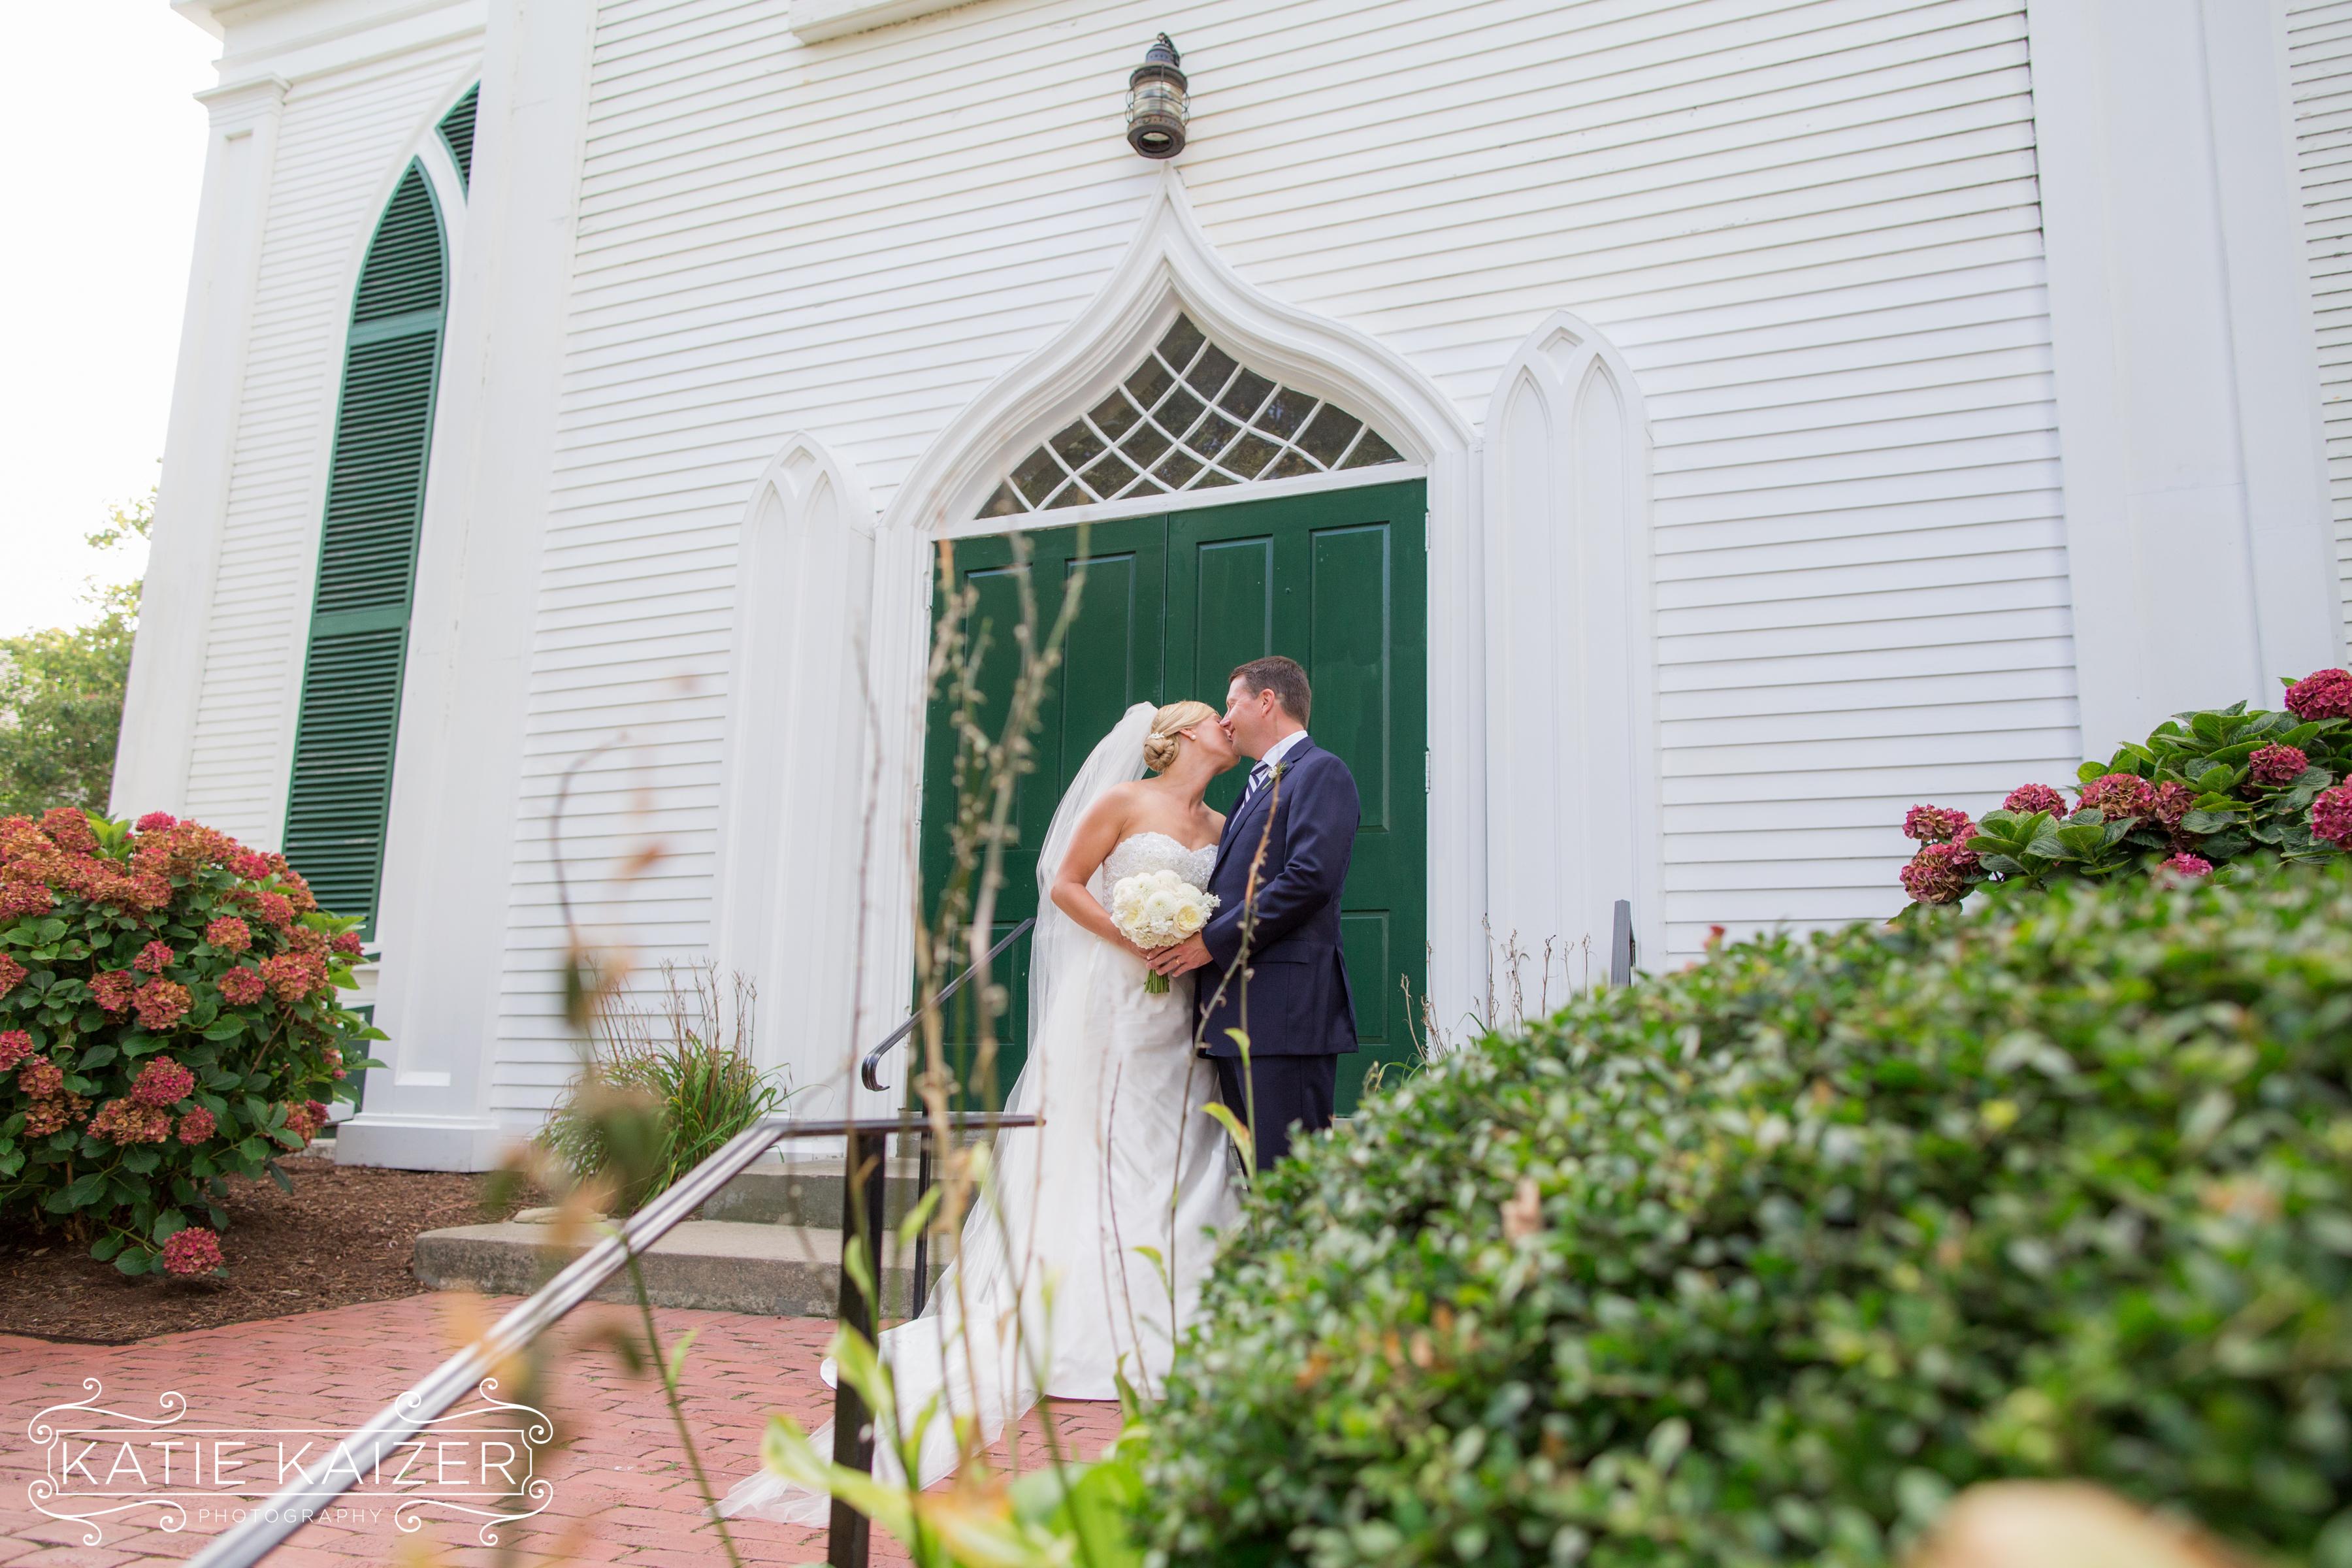 NantucketWedding_037_KatieKaizerPhotography